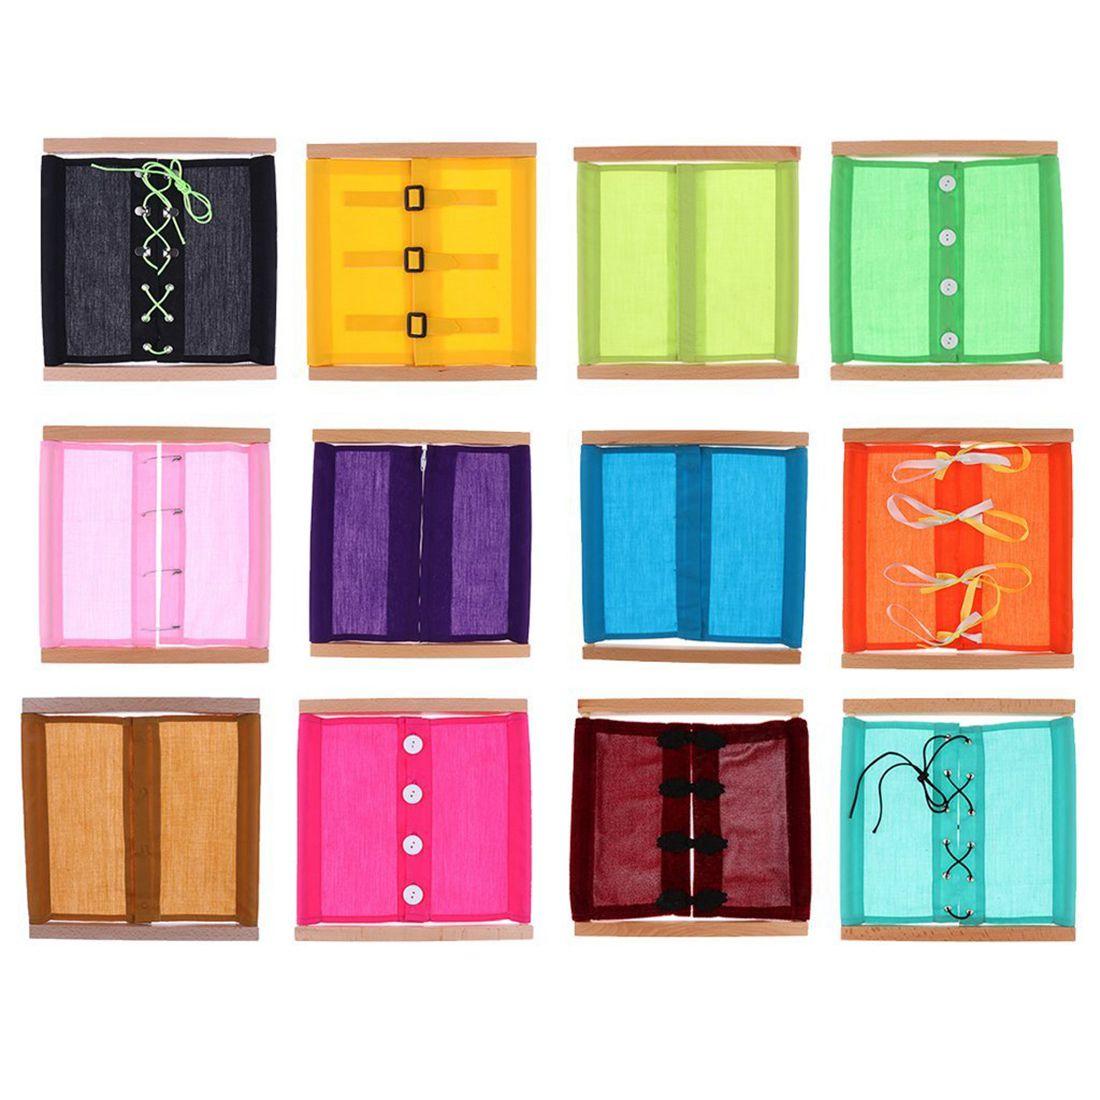 12 pcs matériel Montessori Vie pratique l'éducation préscolaire jouet en bois pour enfants